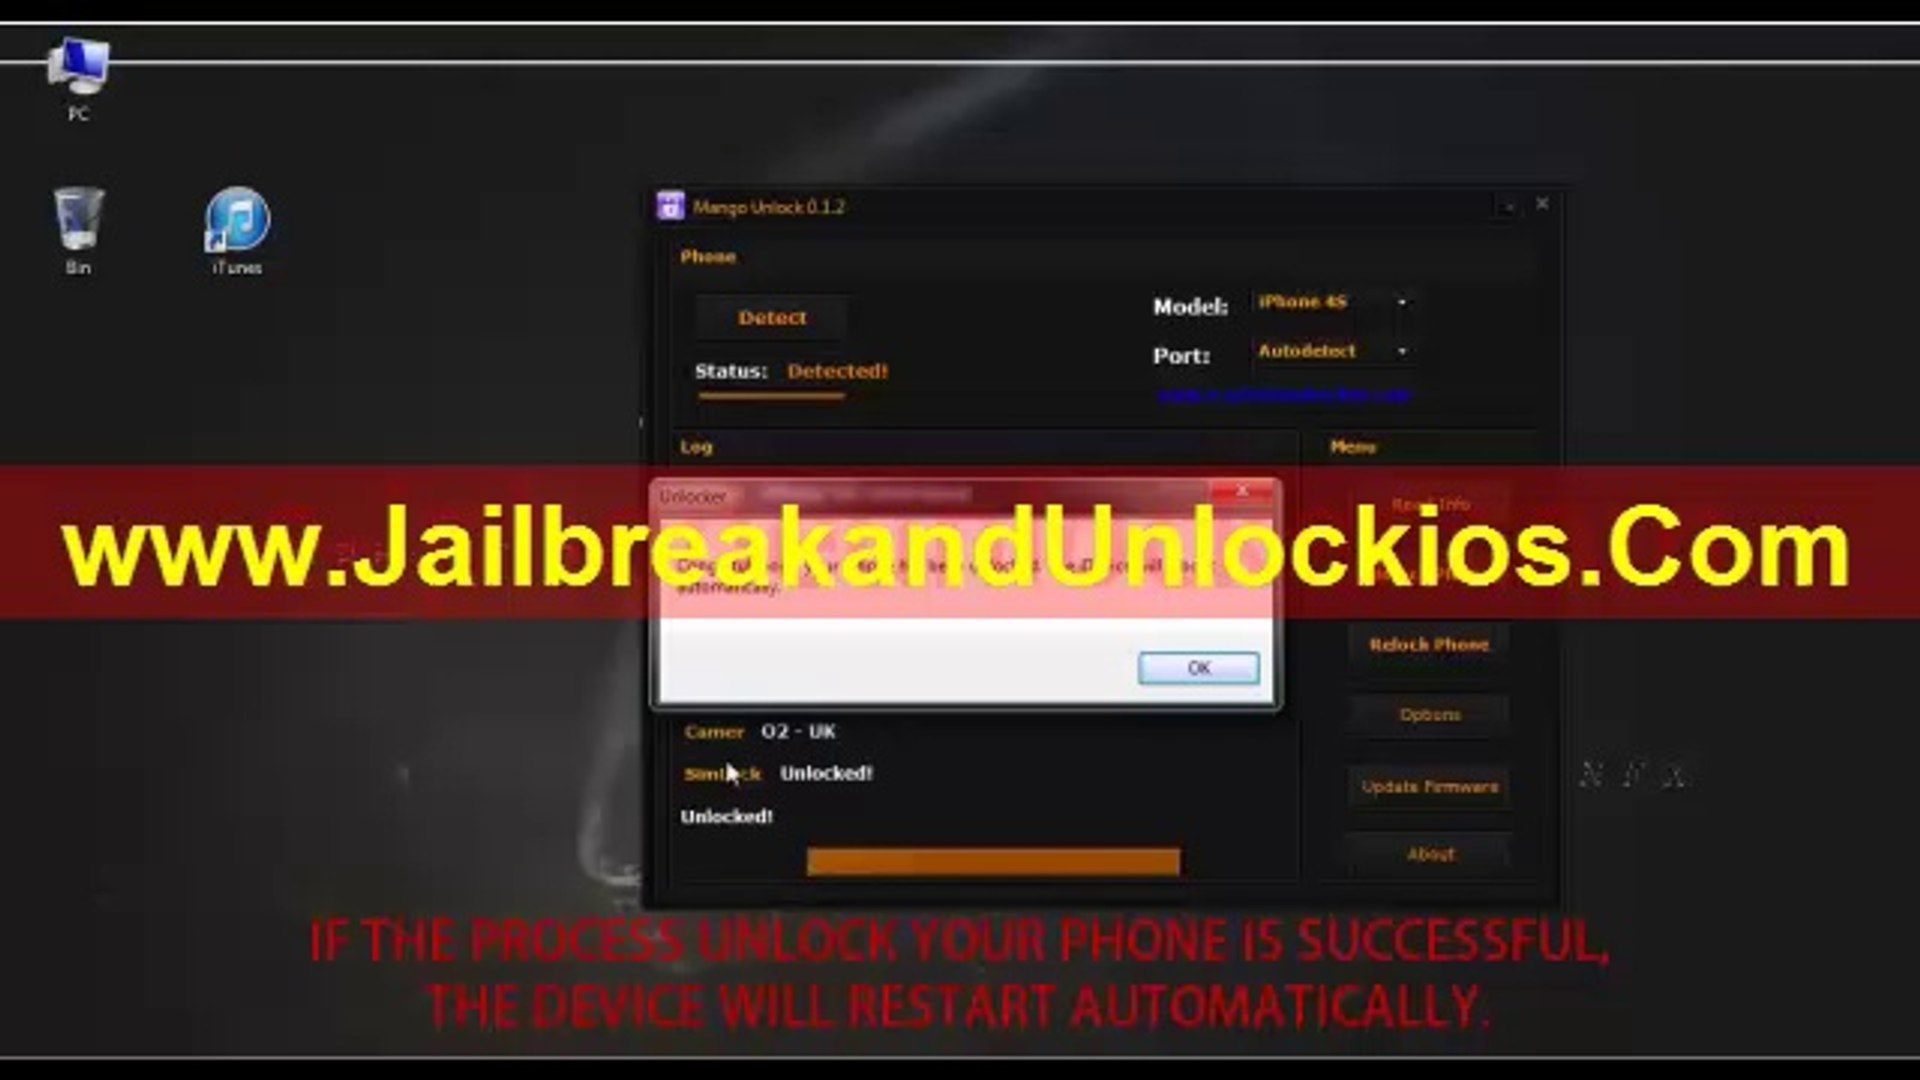 iOS 7 1 2 iPhone 4 Baseband 04 12 09 Factory Unlock IMEI Unlock All  basebands